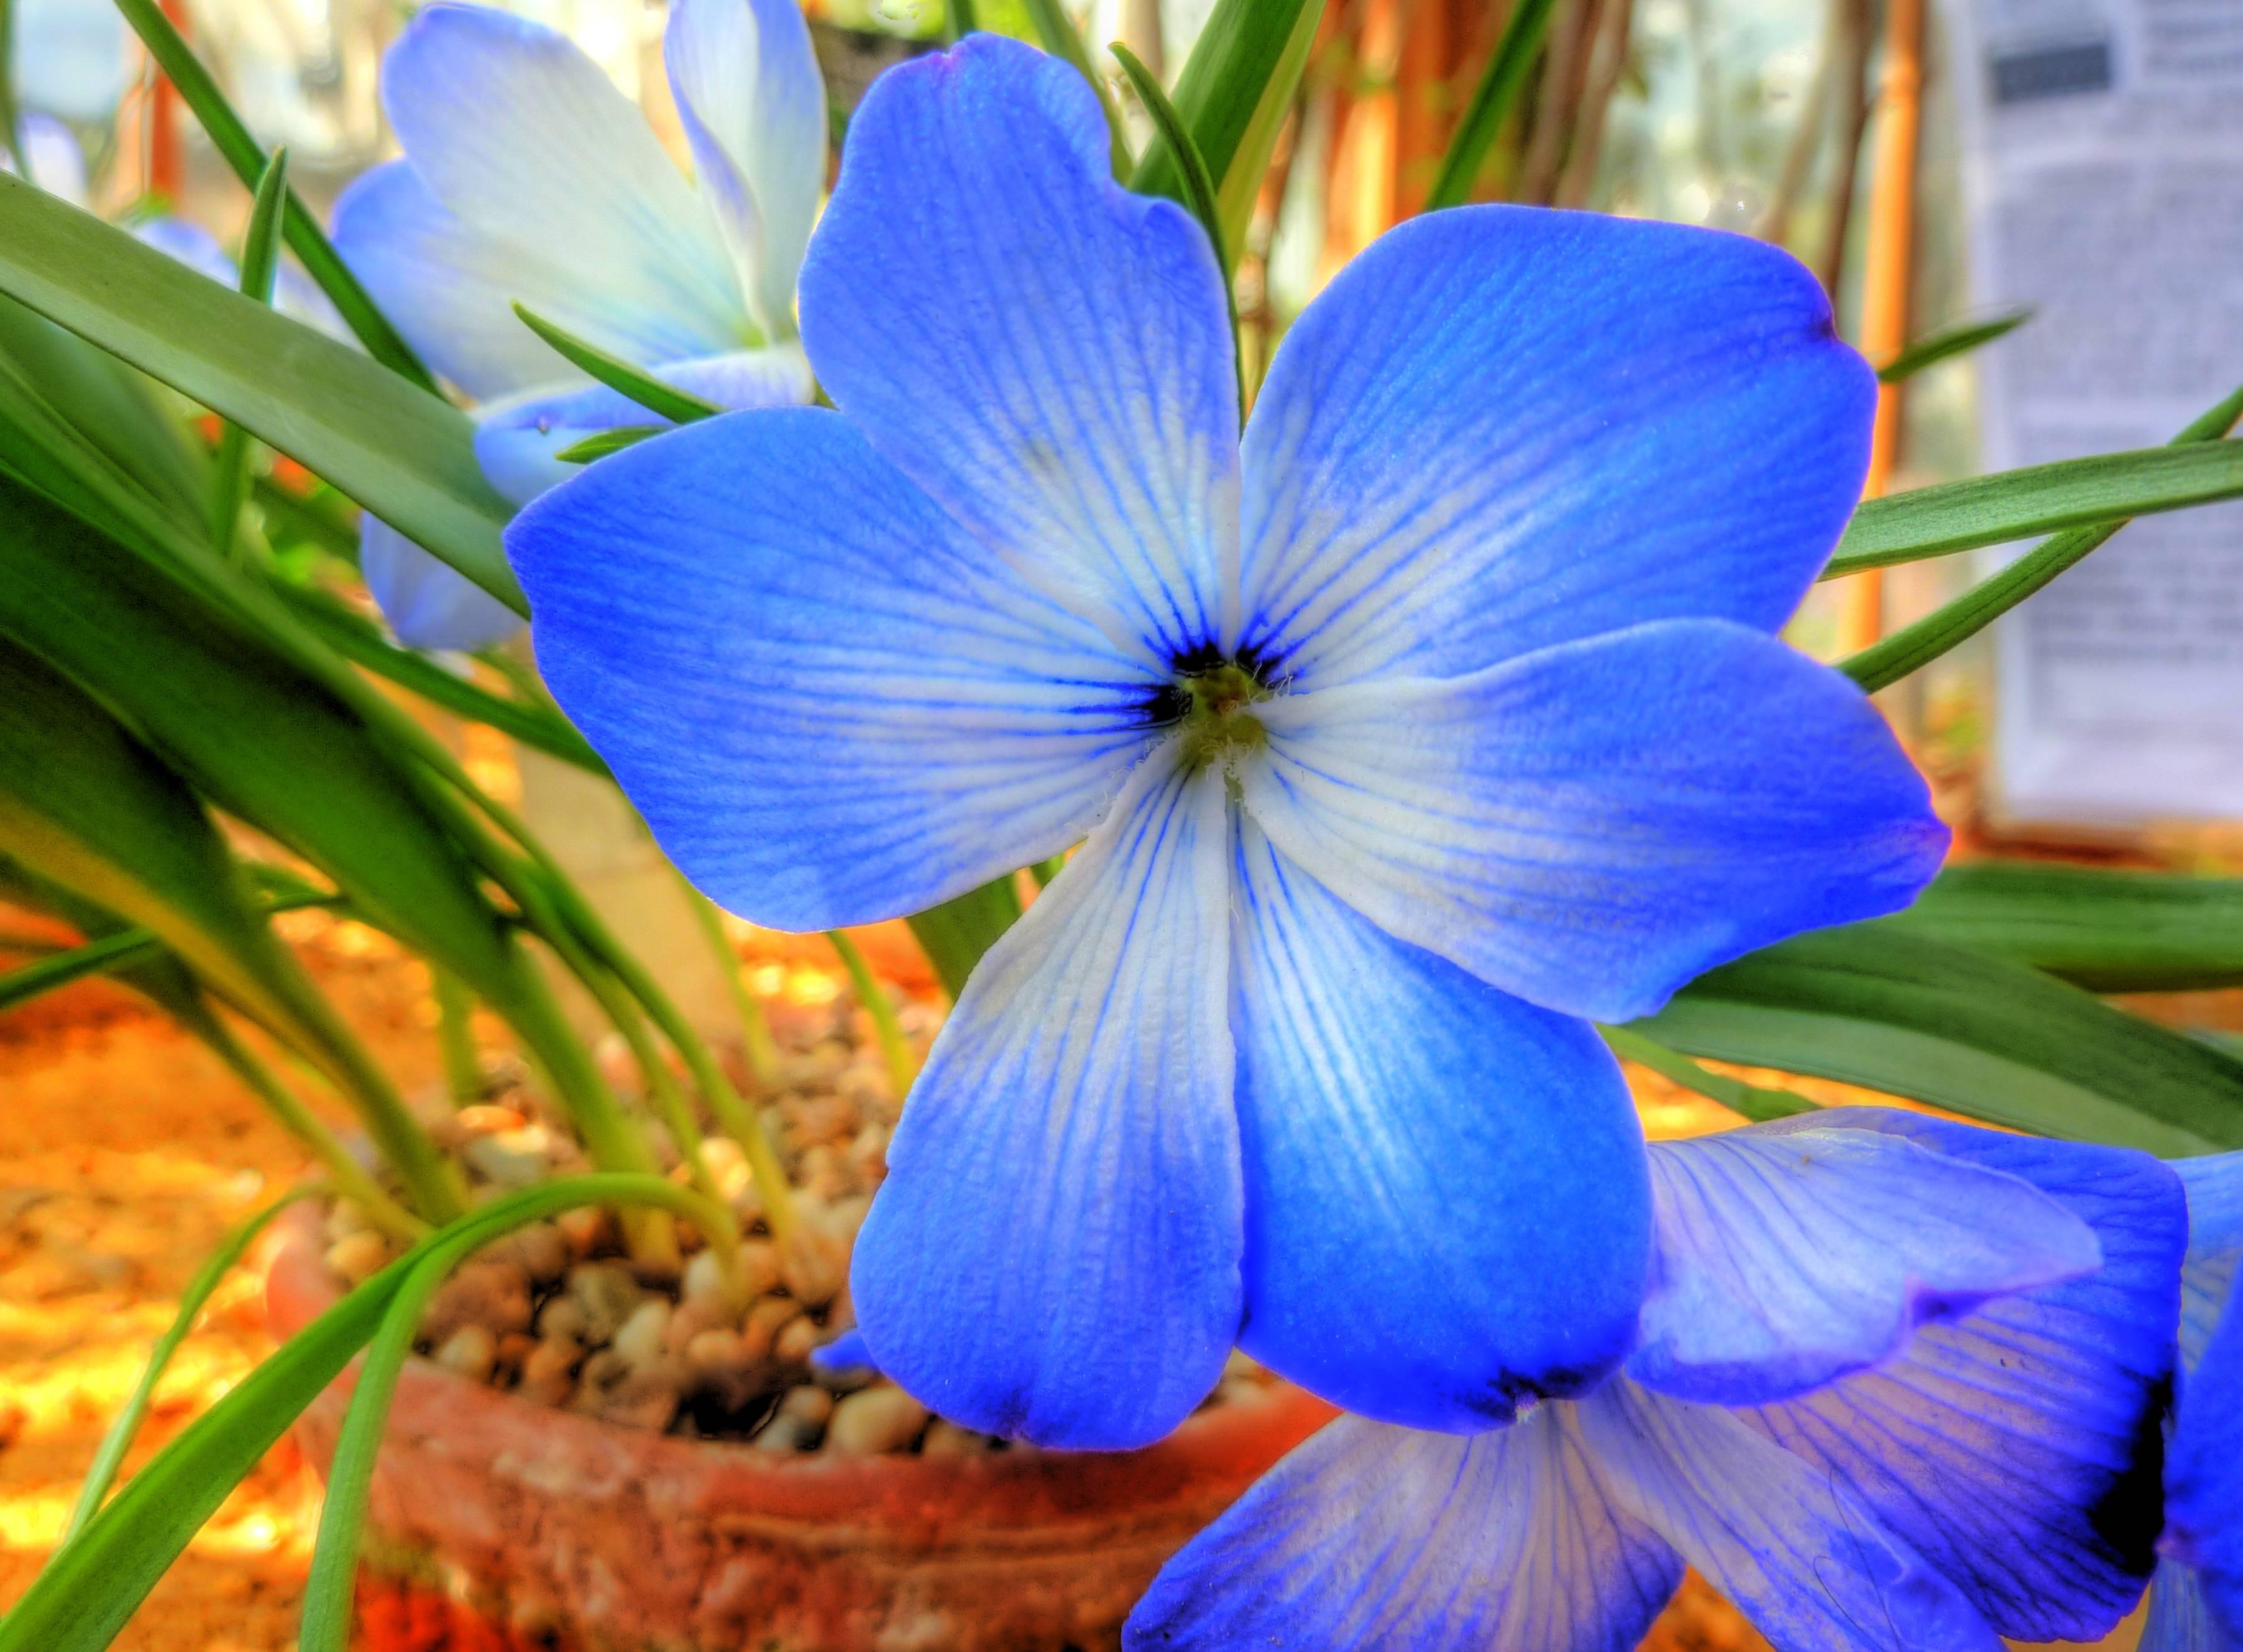 Preocupante: Las plantas también están sufriendo una extinción masiva de especies